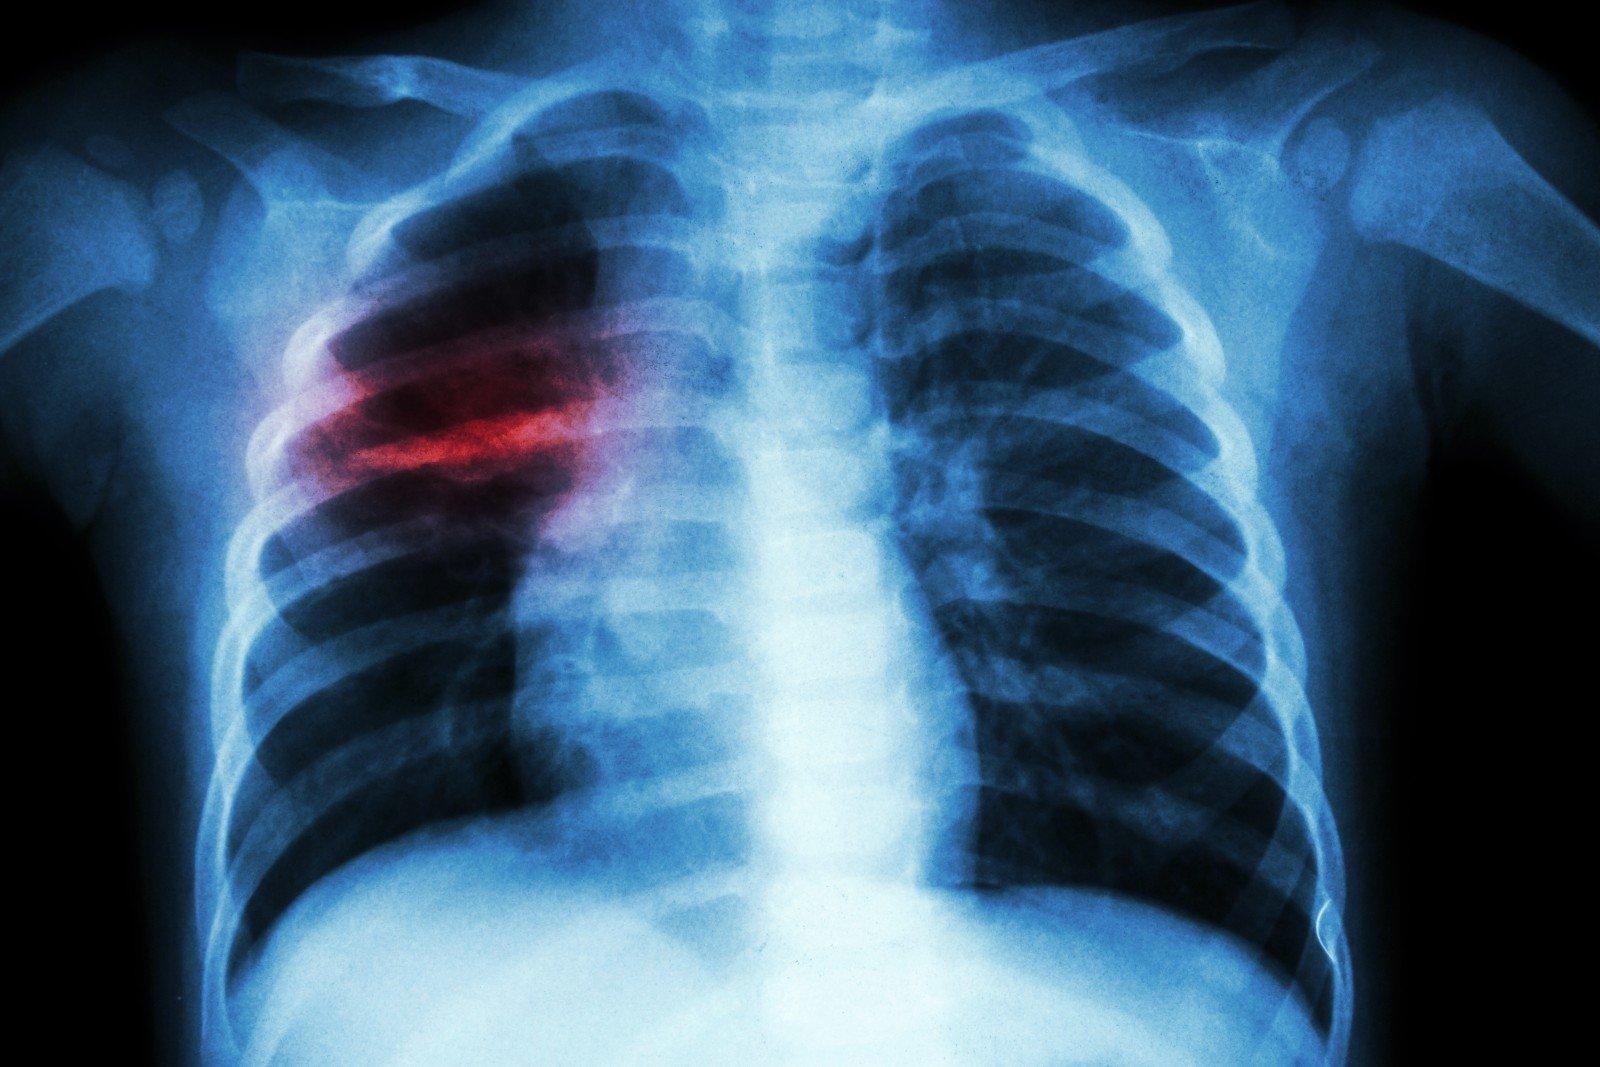 tuberkuliozes-zidinys-plauciuose-74918112